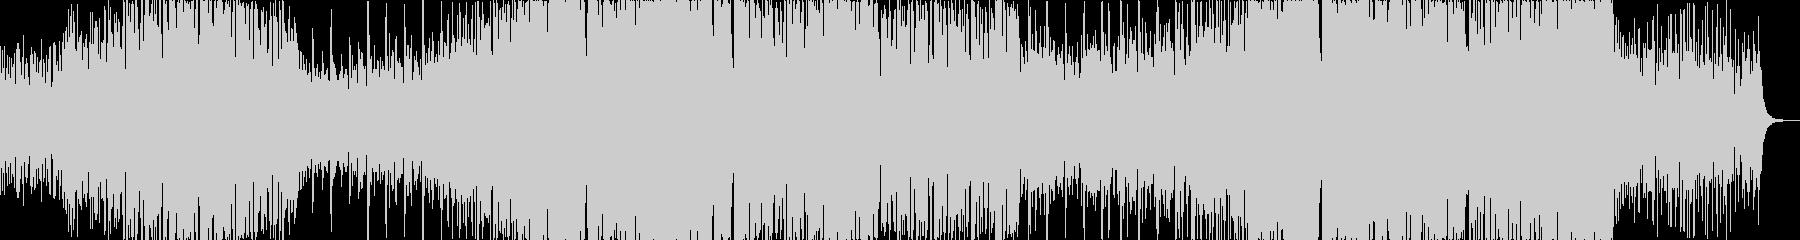 シンプルでメロディックなEDMの未再生の波形